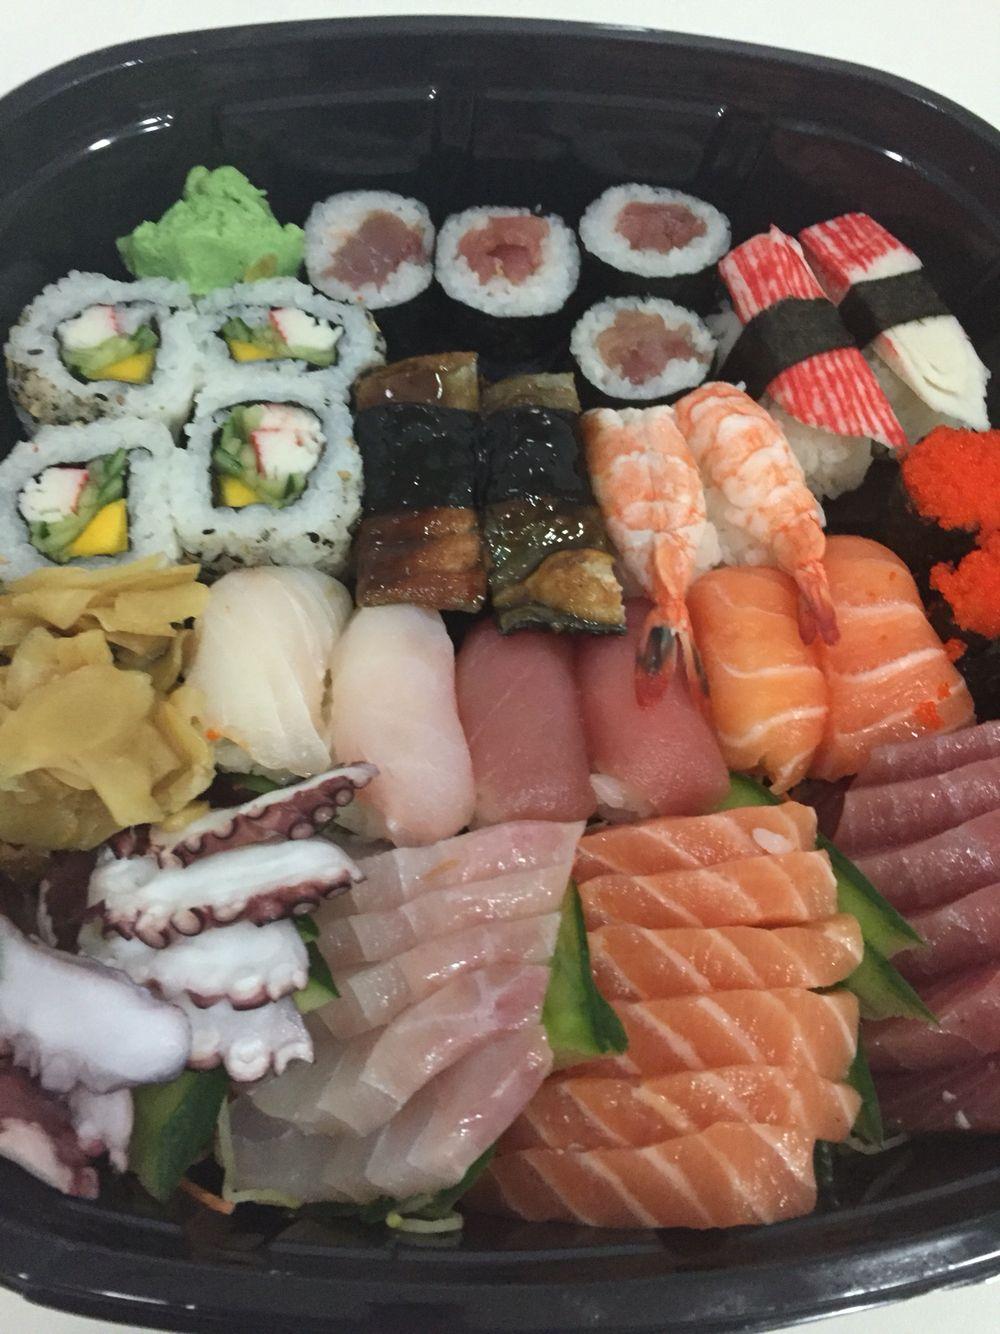 Sushi - Restaurante sushi Dara Rio de Janeiro Cidade maravilhosa